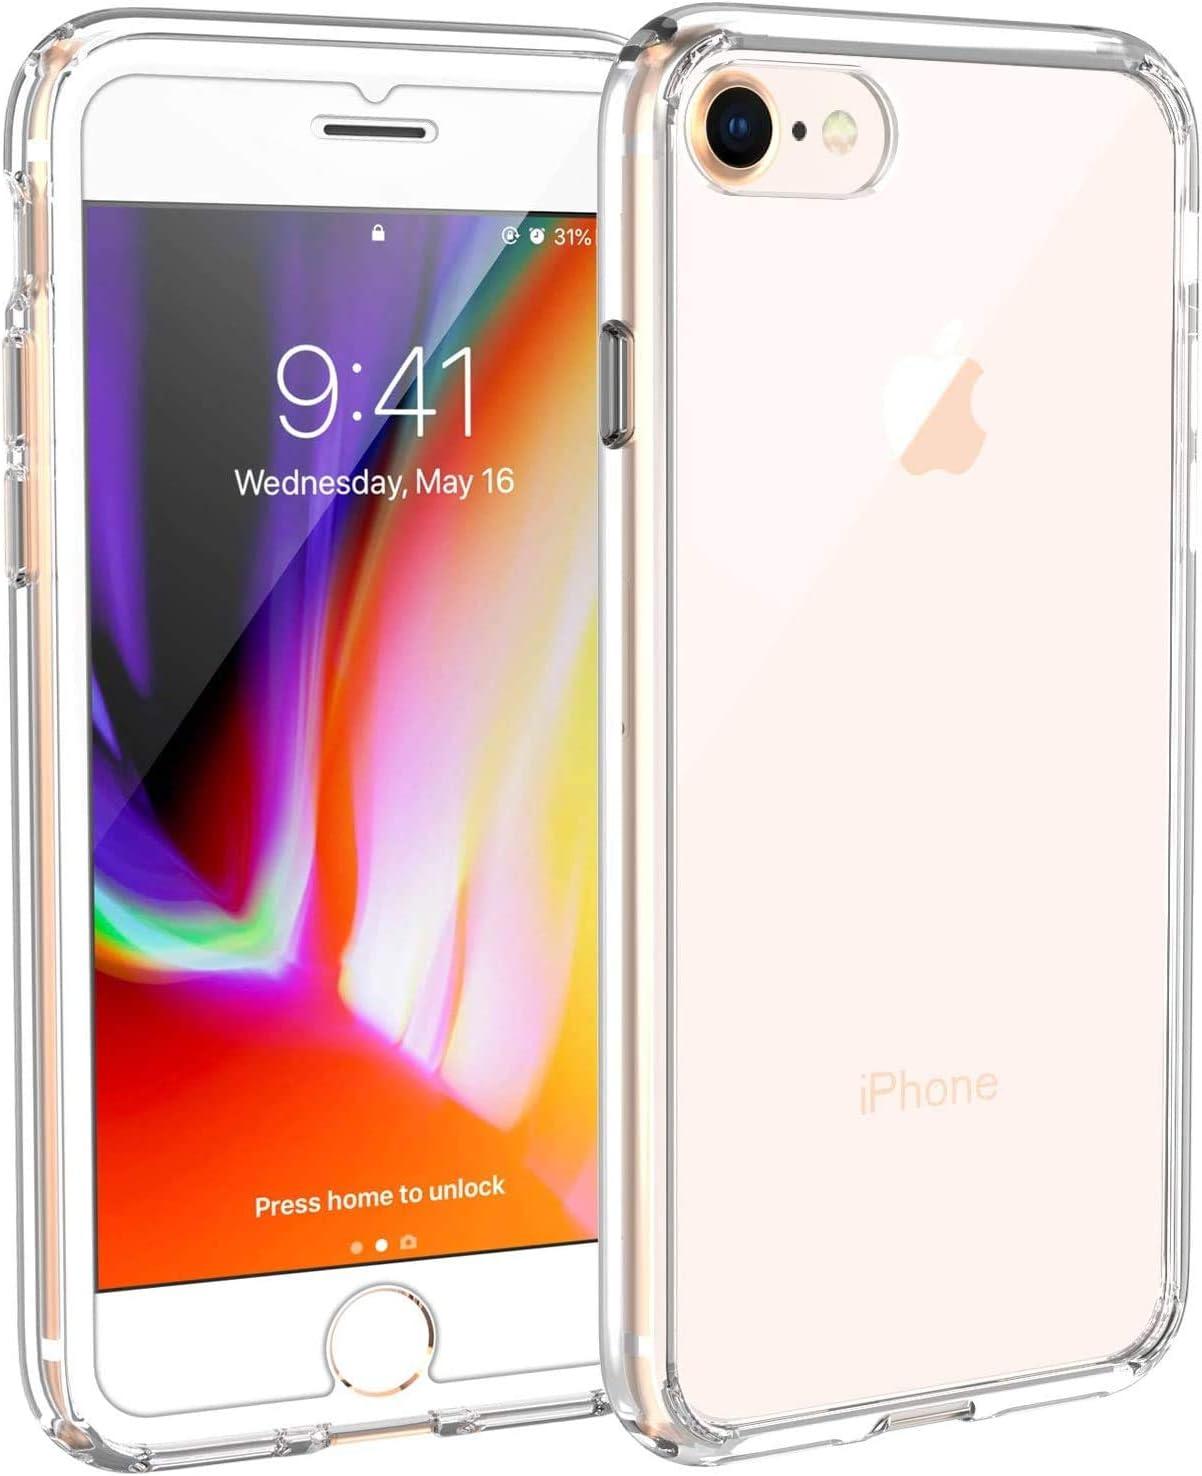 Syncwire Funda para iPhone 8/7 / SE 2020, UltraRock Funda para iPhone 7/8/SE 2020 con protección Avanzada Anti caídas y con tecnología de Cámara de Aire para iPhone 8/7/SE 2020,Cristal Transparente